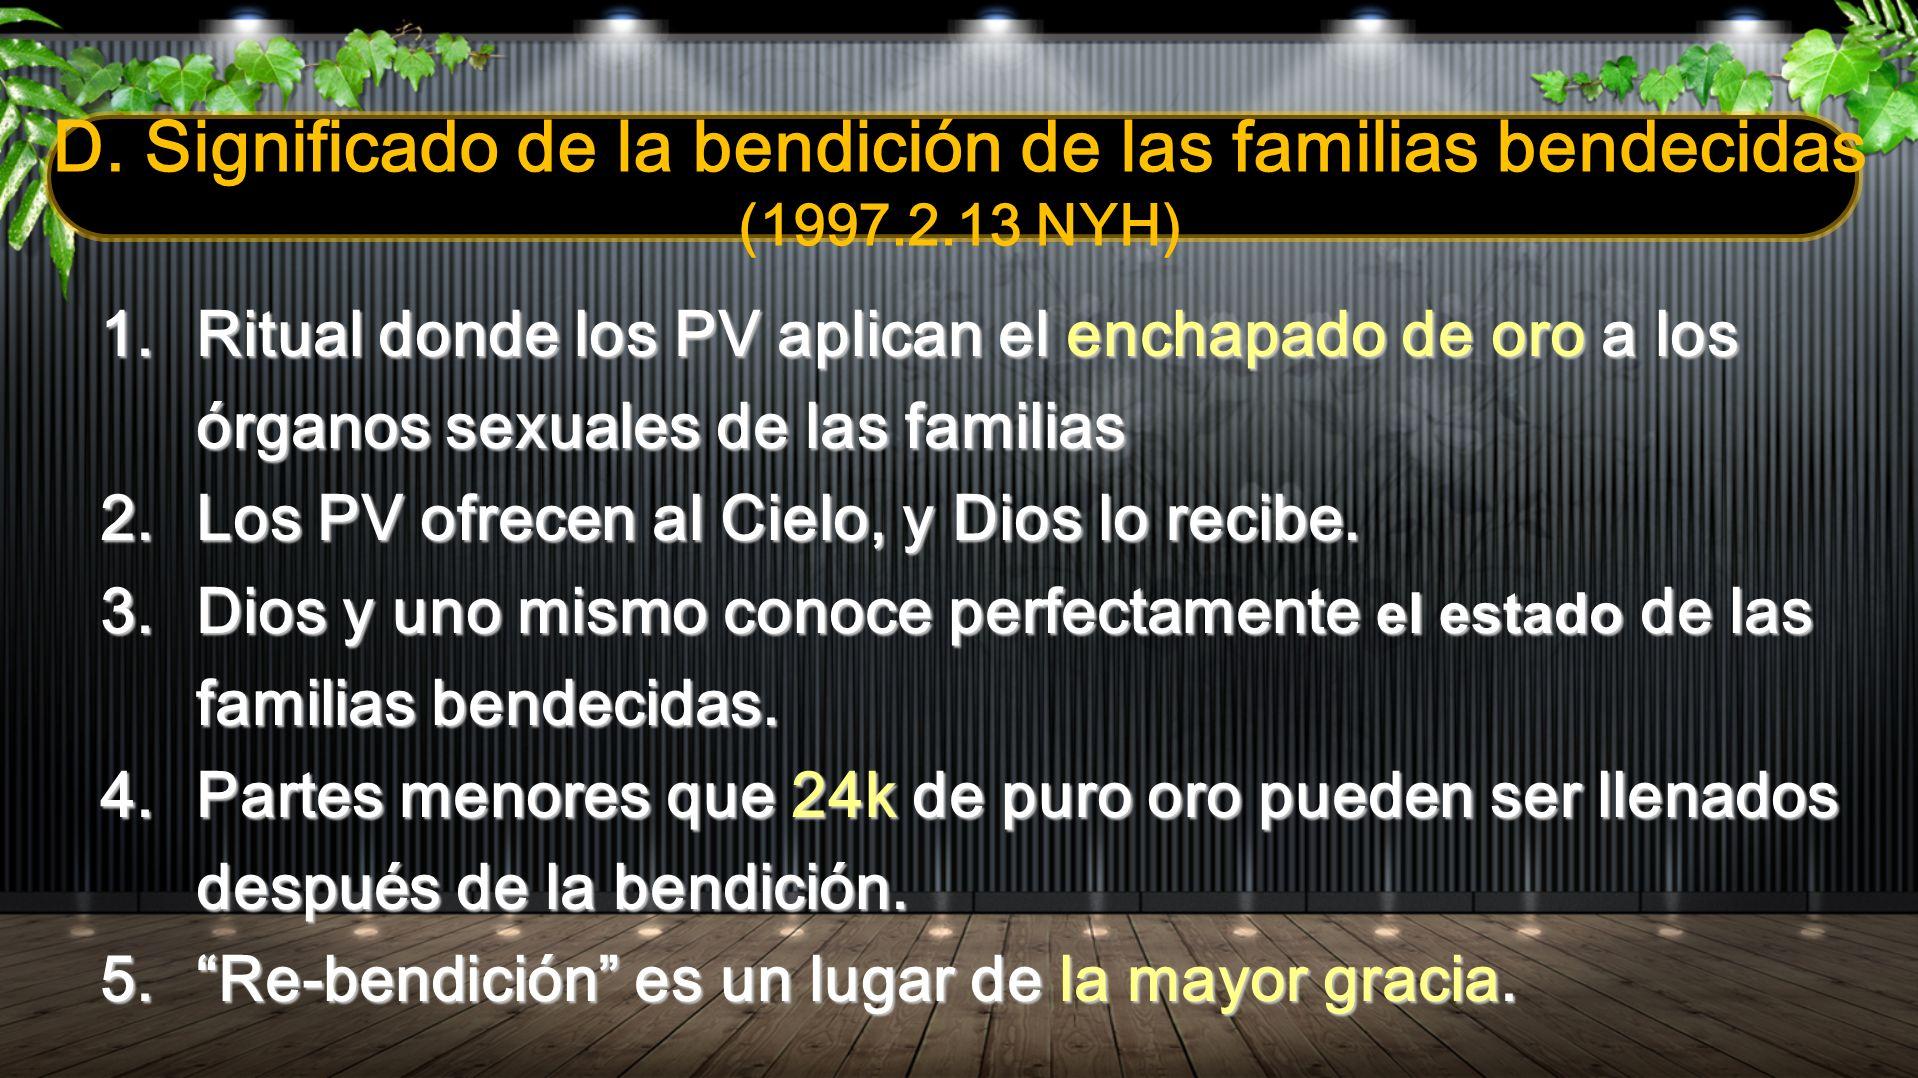 D. Significado de la bendición de las familias bendecidas (1997. 2